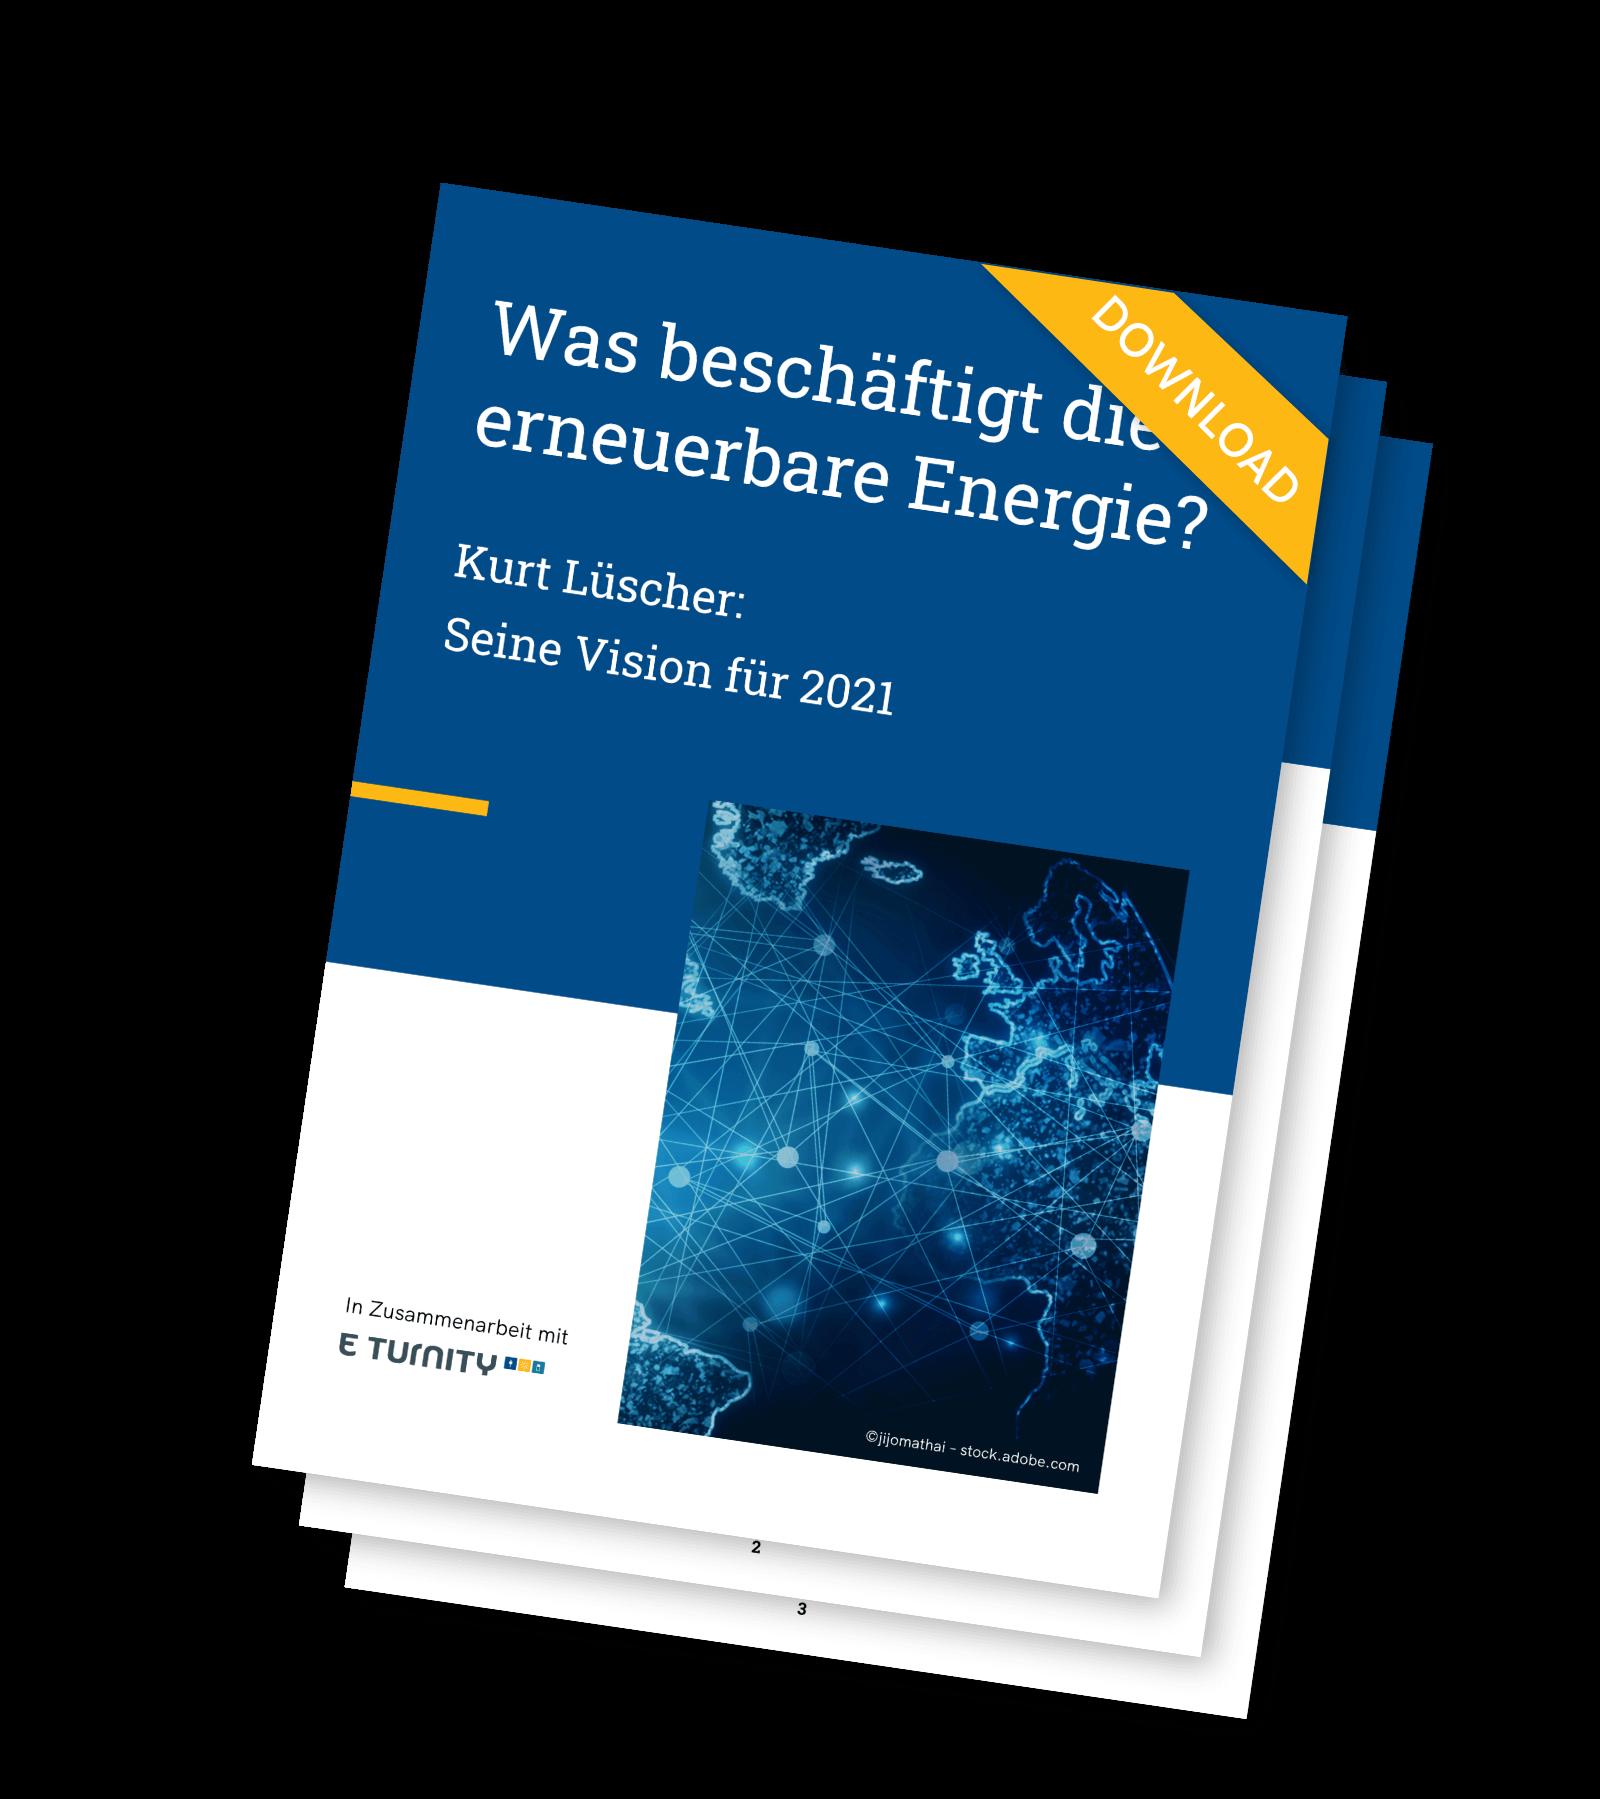 cover-download-pdf-ausblick-mit-kurt-luescher